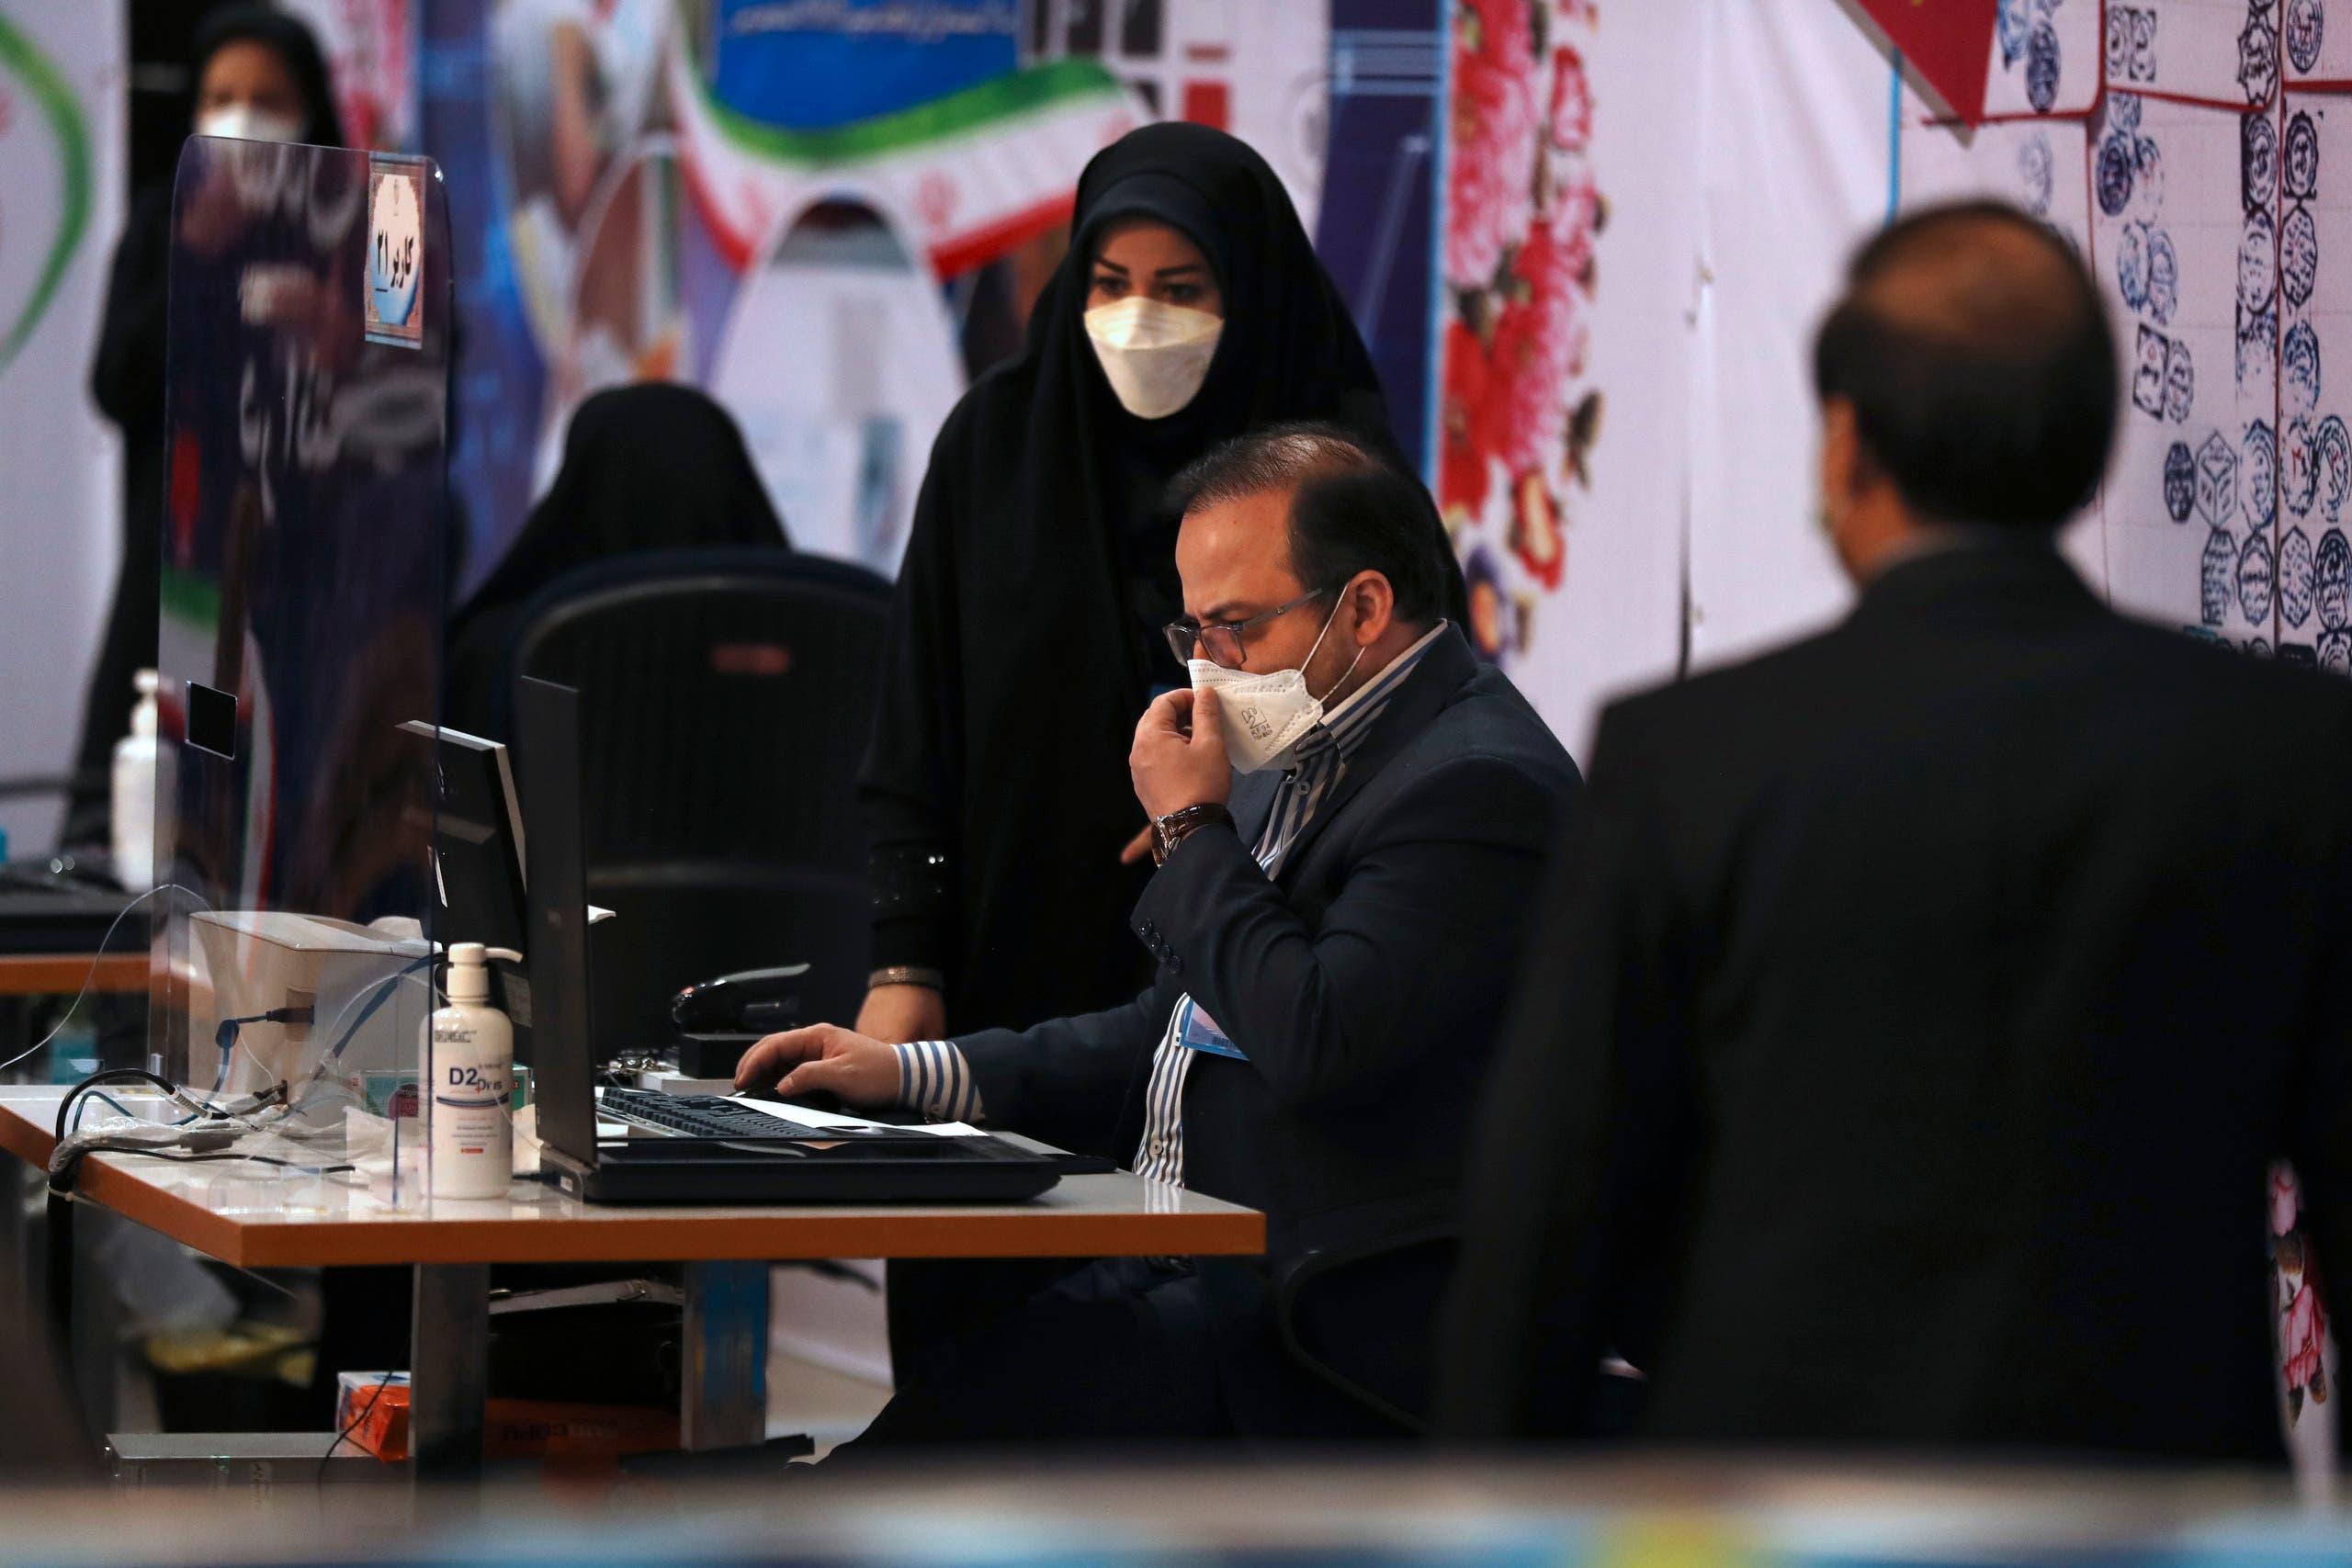 مركز تسجيل المرشحين للانتخابات الرئاسية في طهران (أسوشييتد برس)